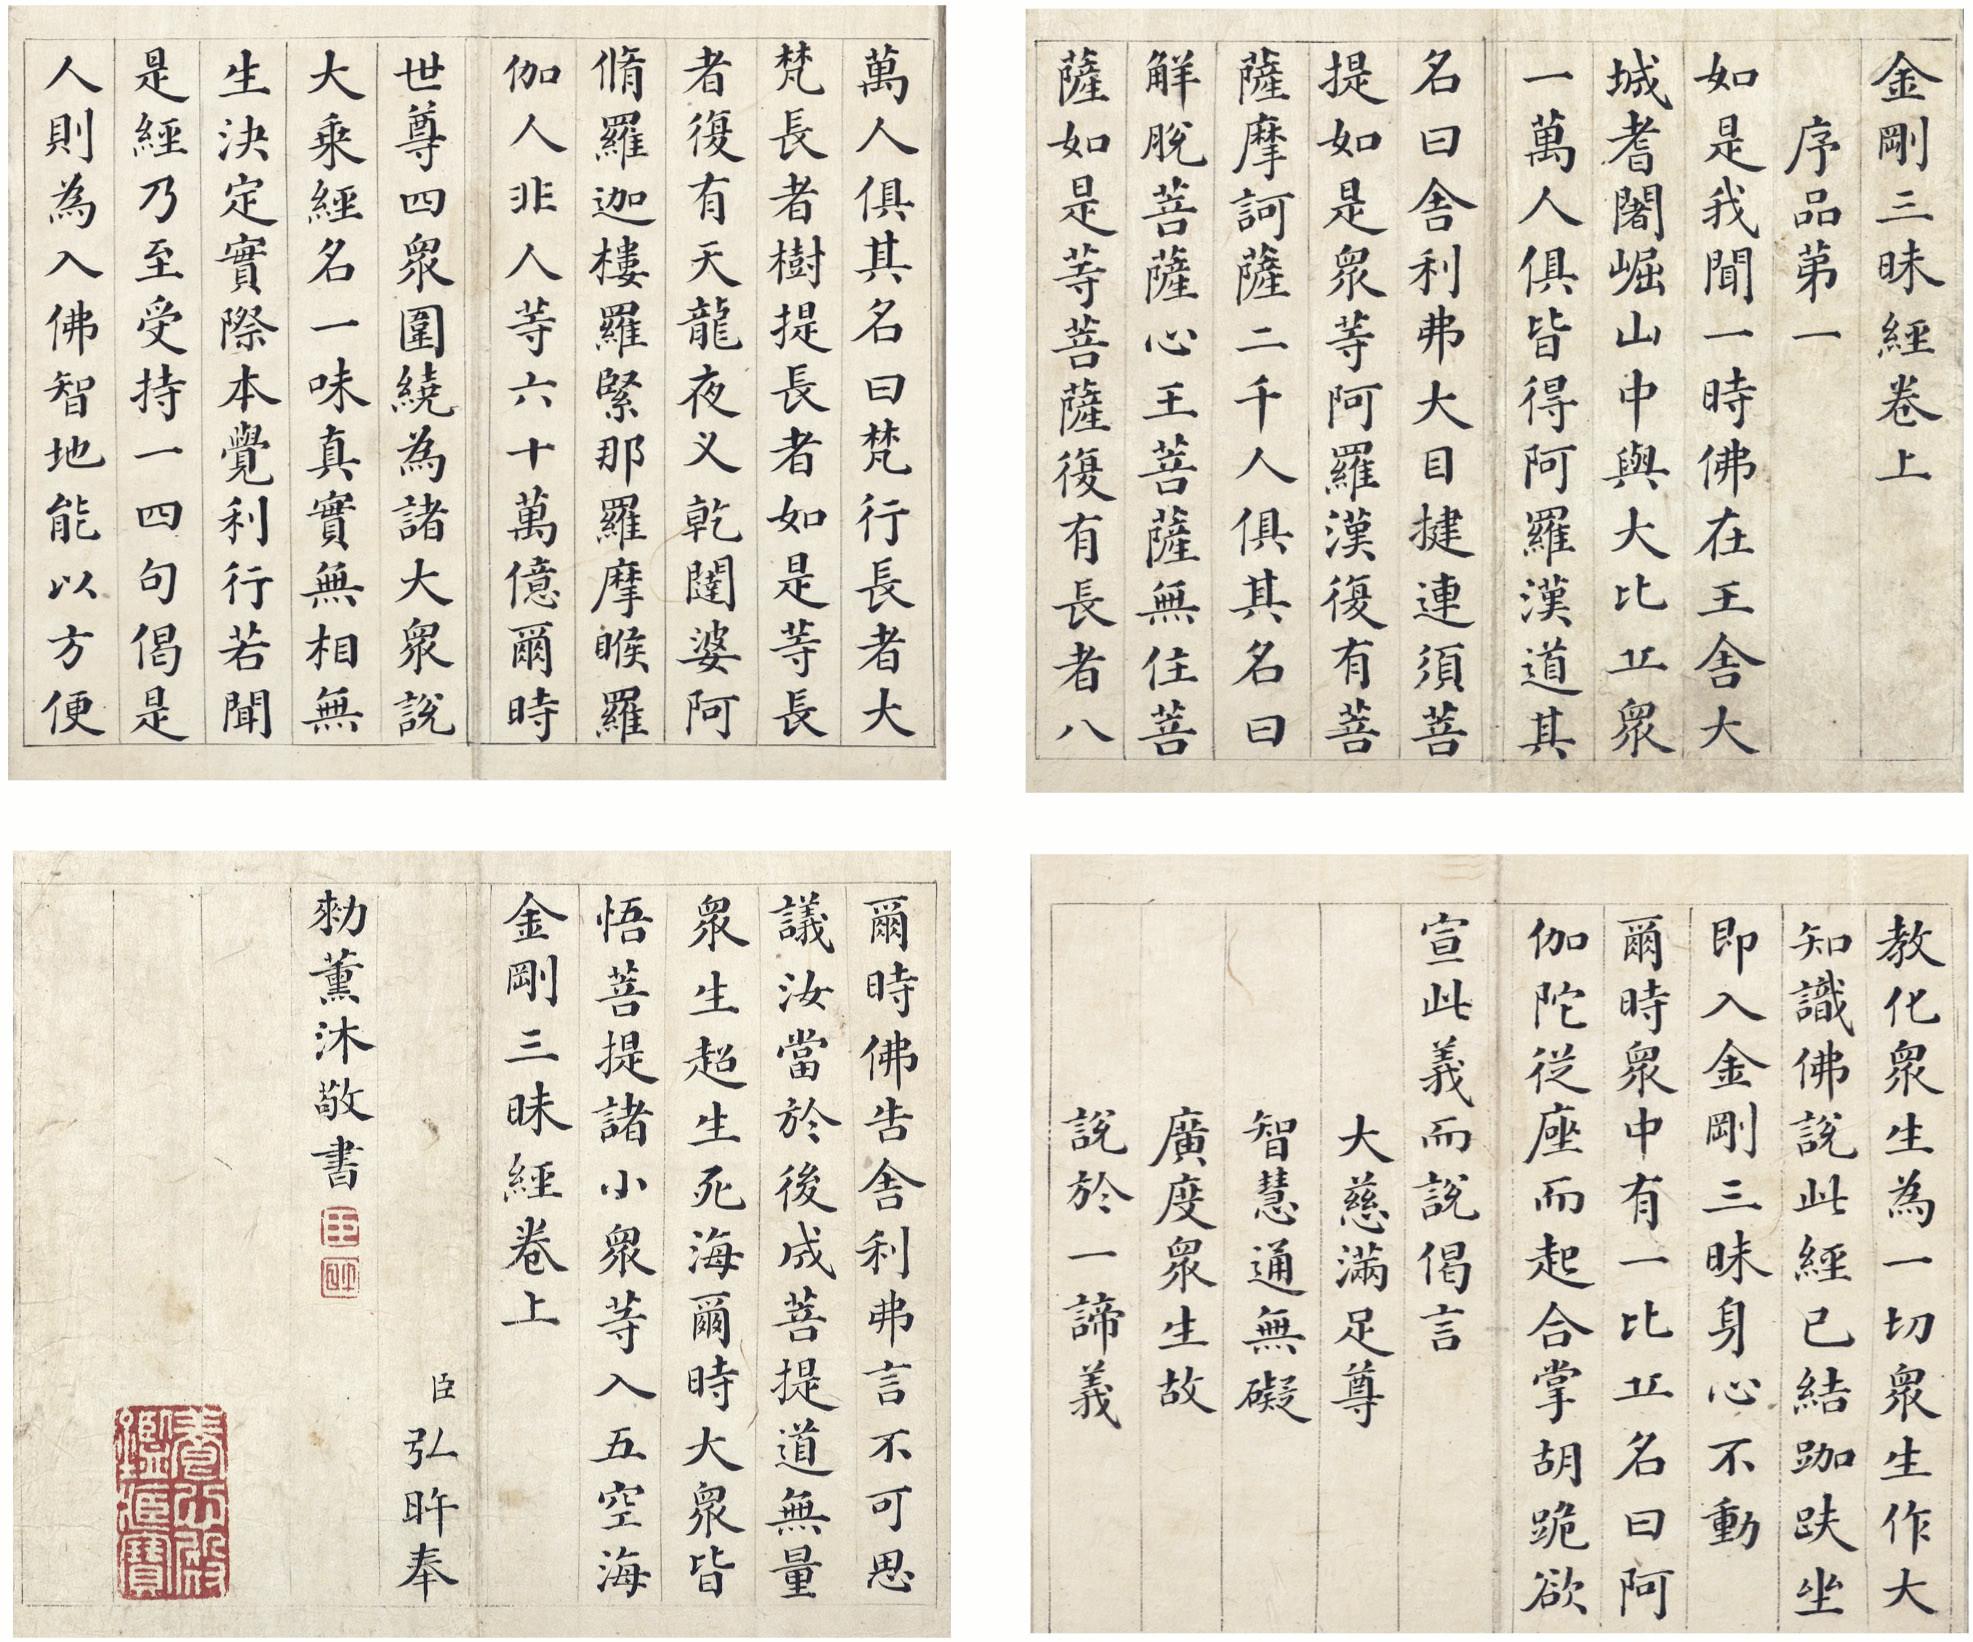 HONG WU(ACTIVE 1750-1795)